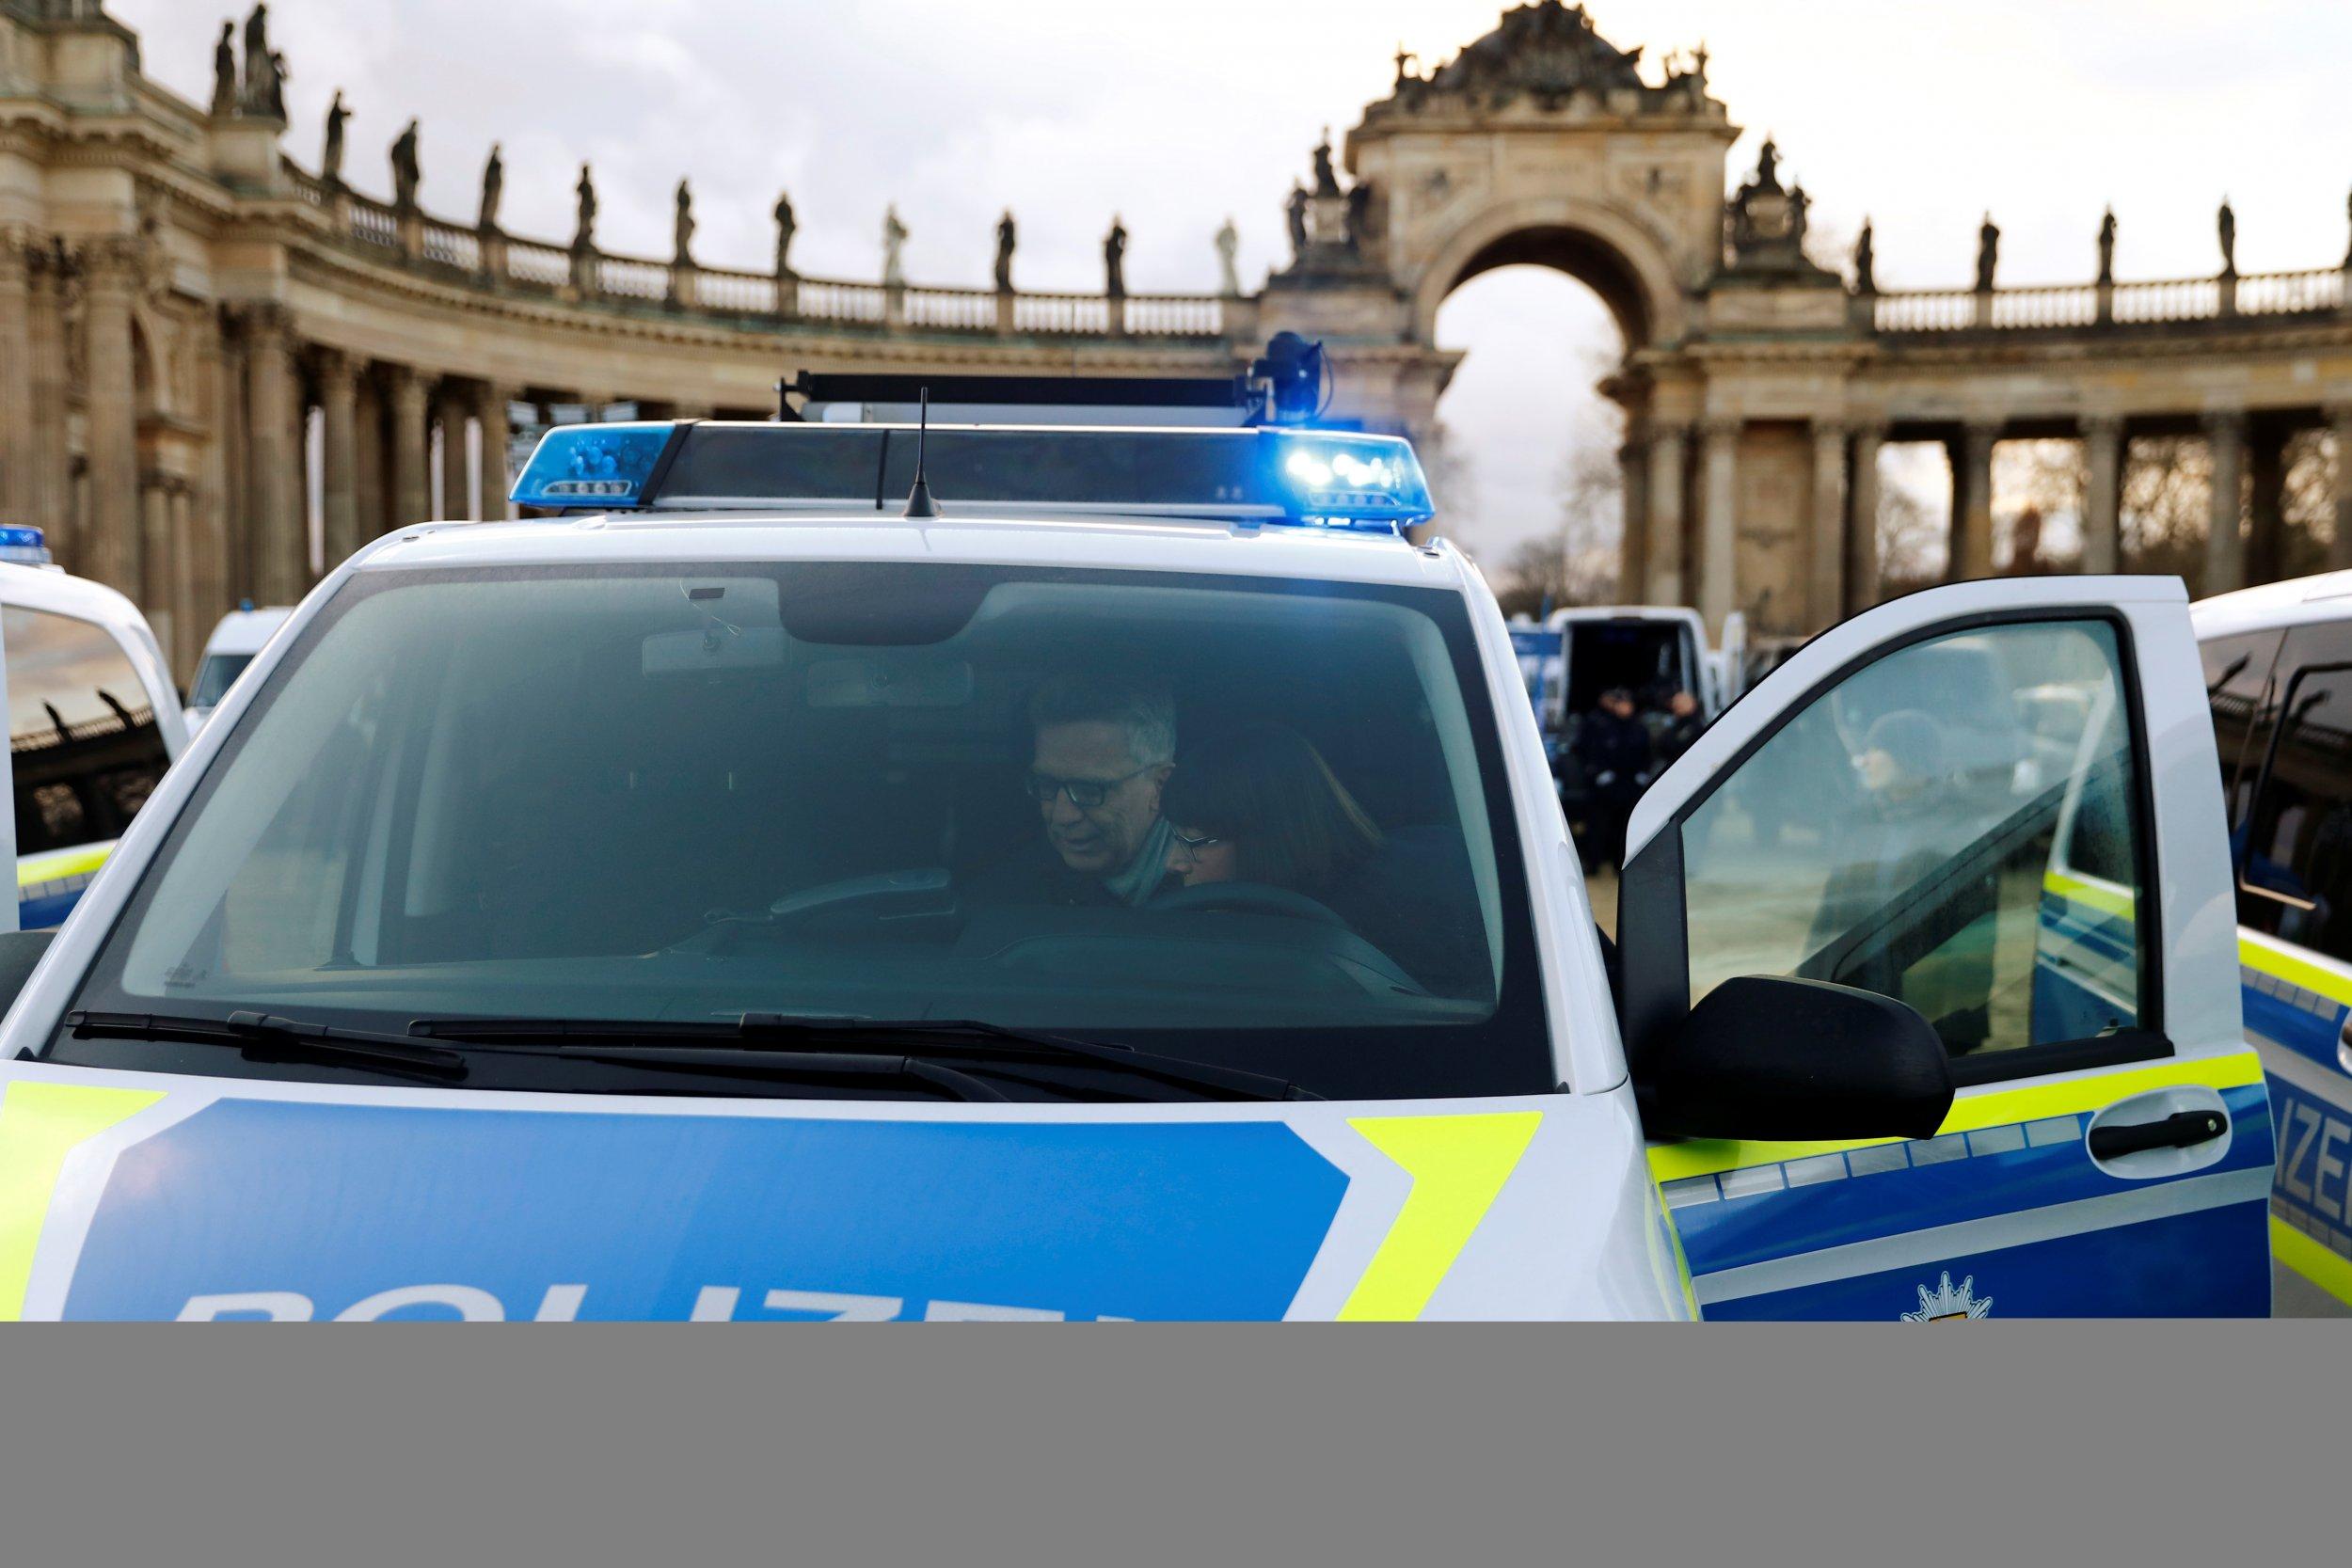 01_26_Polizei_GermanPolice